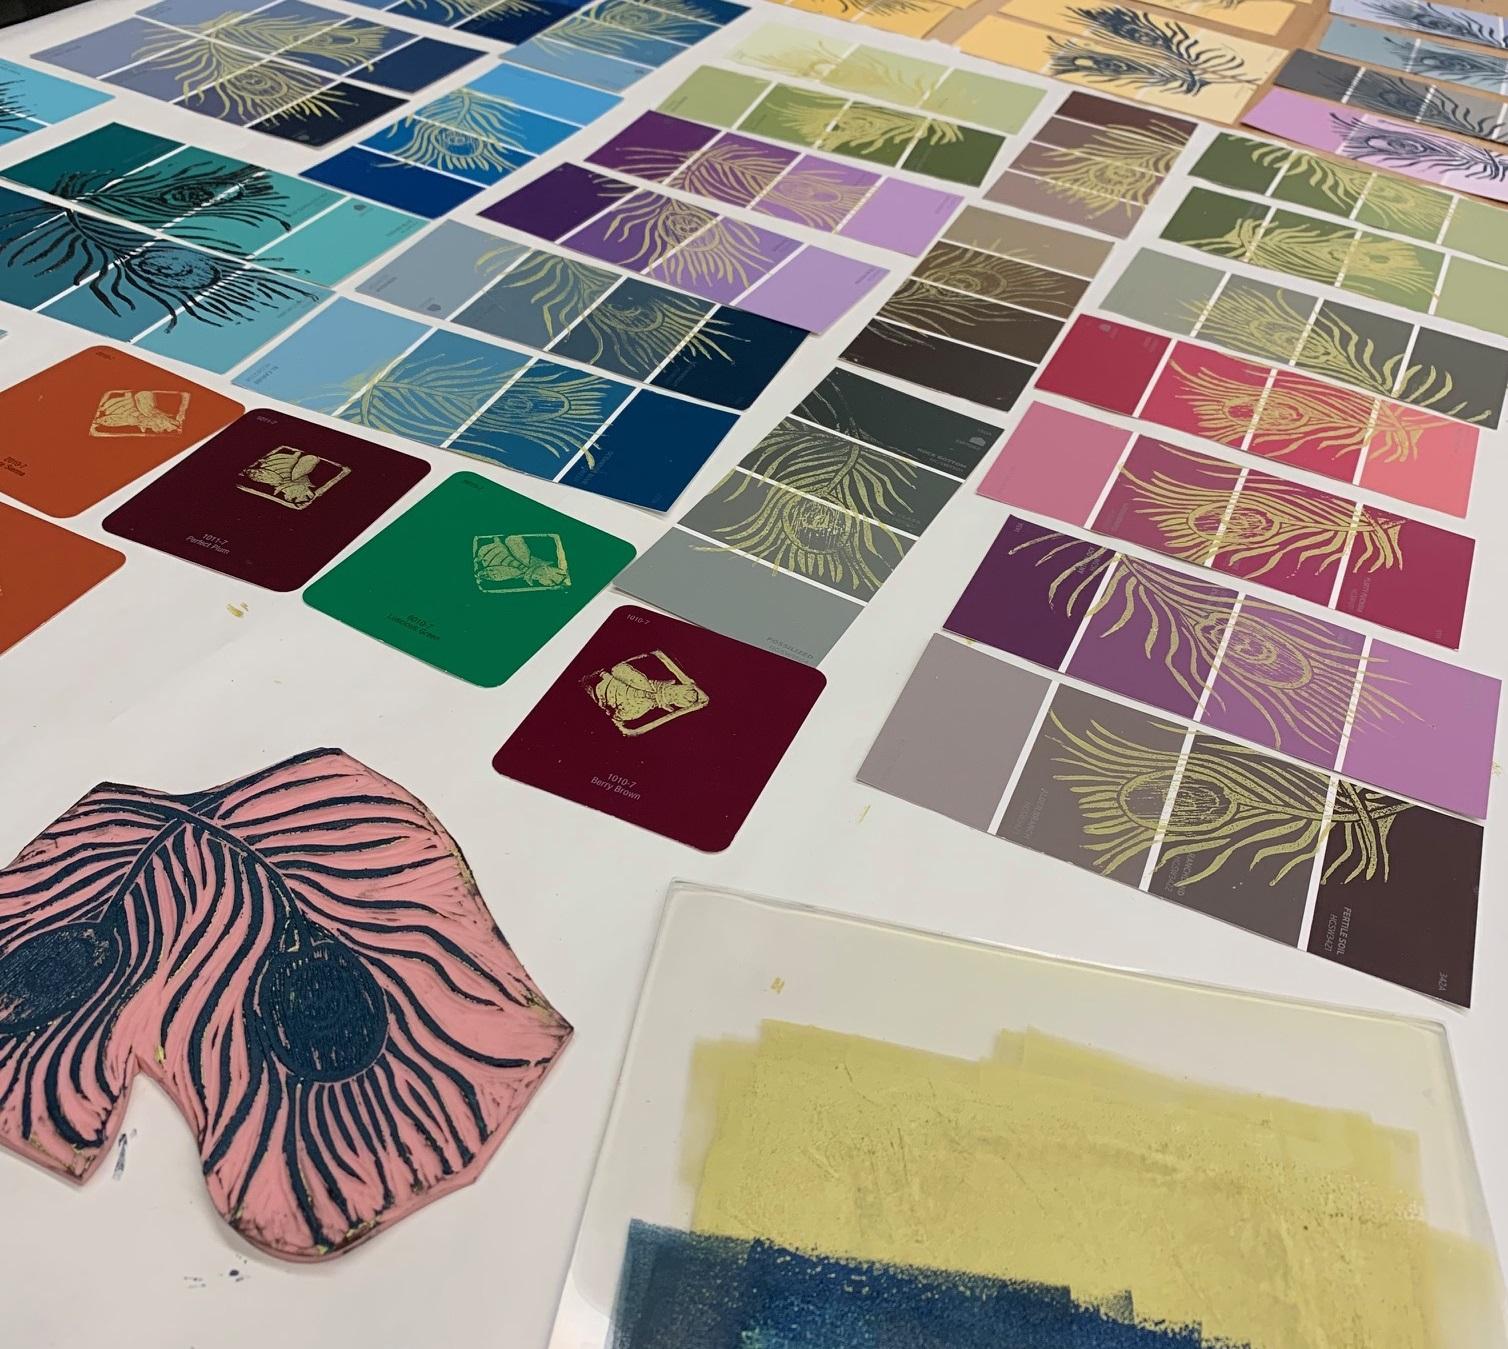 Peace Week: Colors of Love Stamp Program